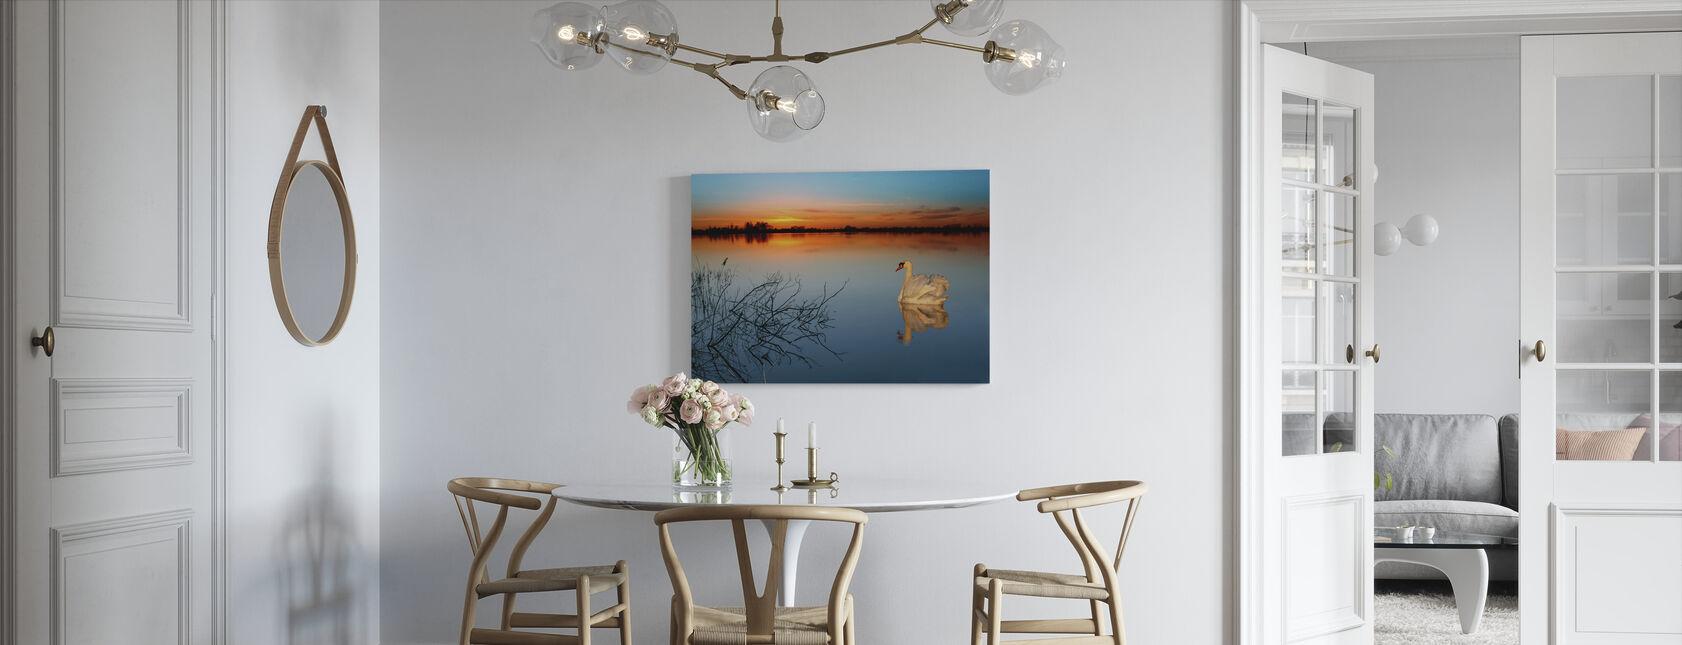 Swan on a lake - Canvas print - Kitchen